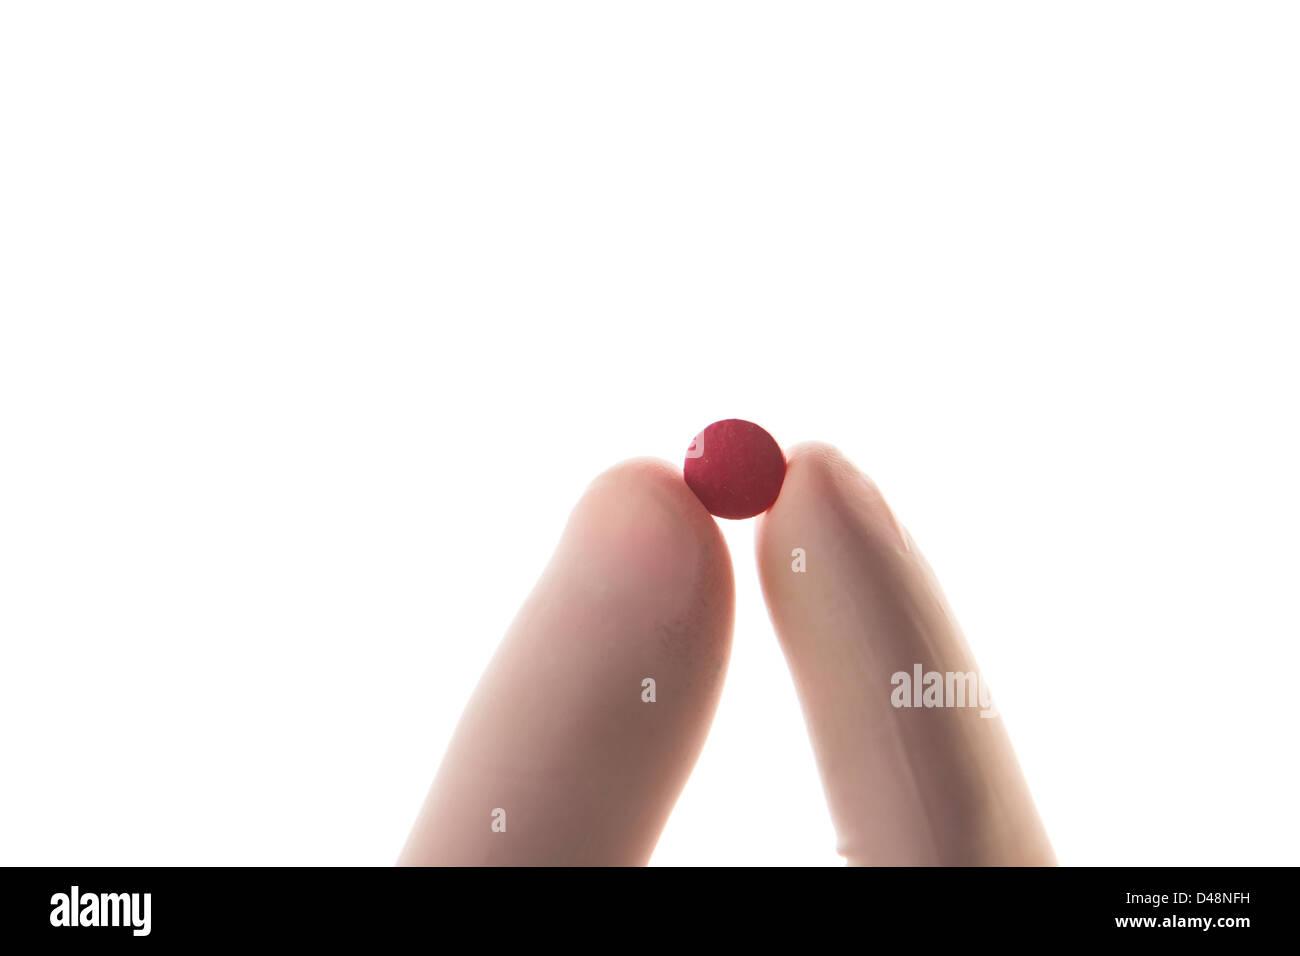 La mano guantata azienda red tablet Foto Stock